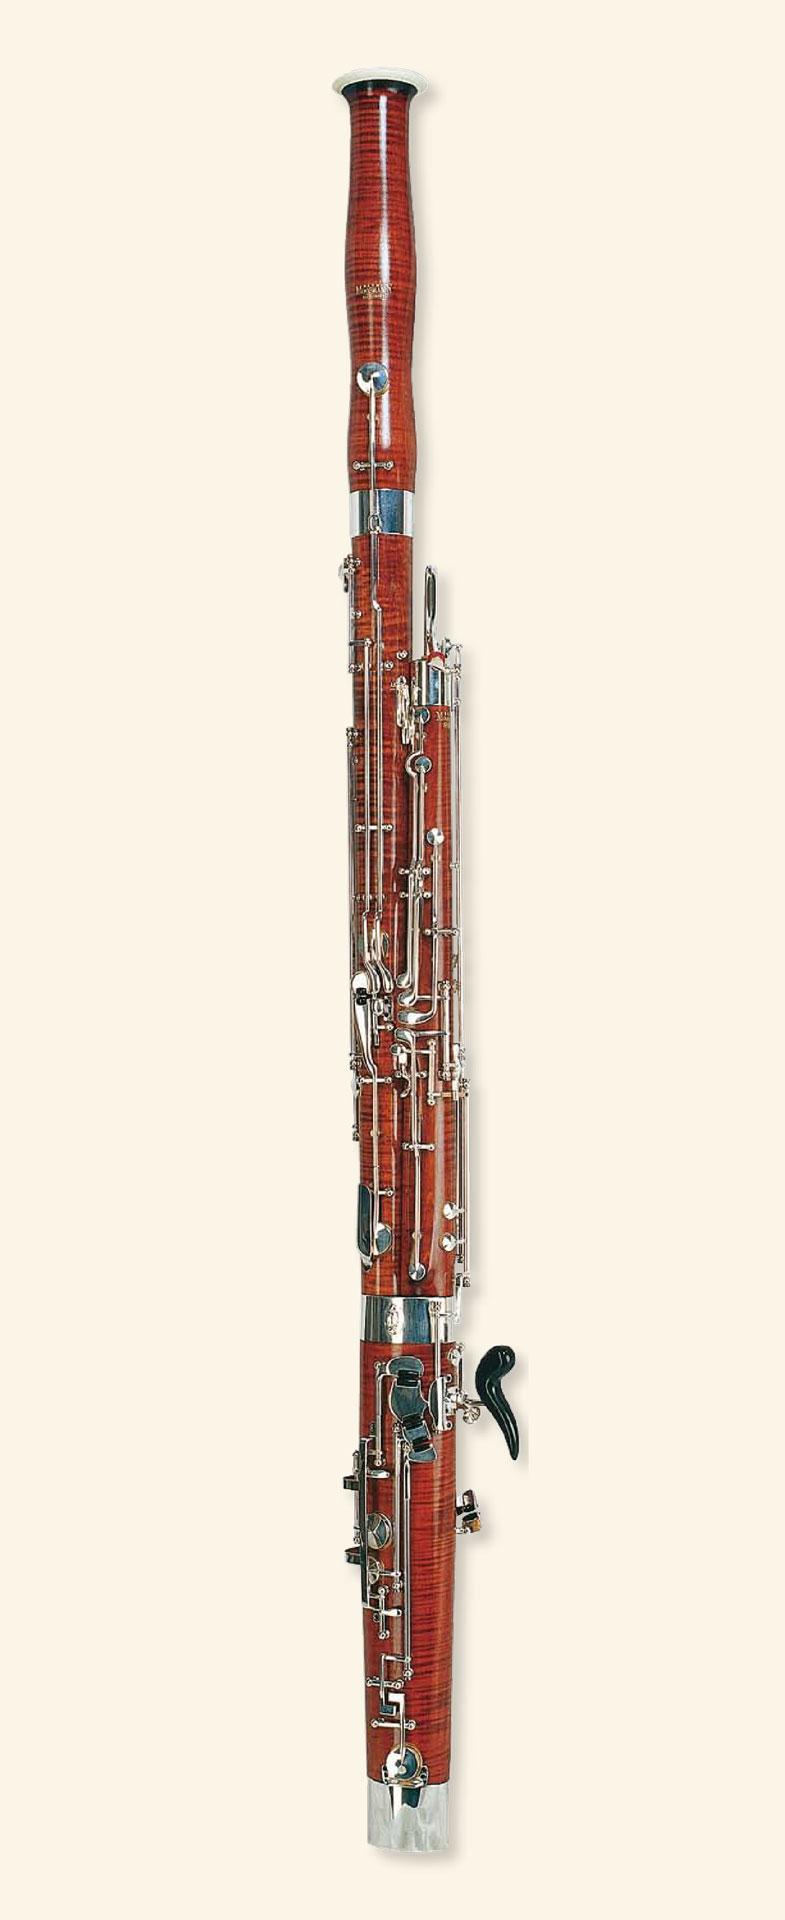 Fogott 222 - Instrumente